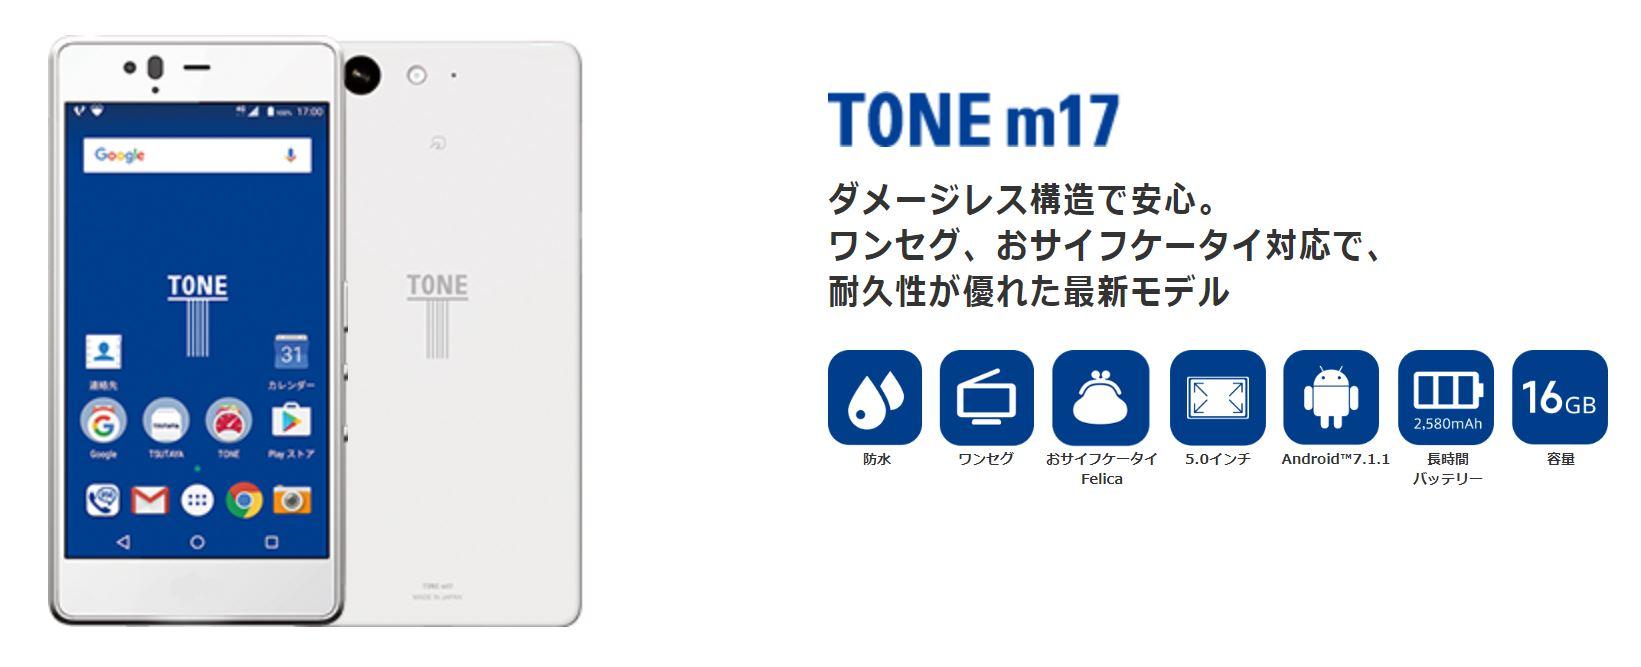 TONEモバイルの専用機種「m17」